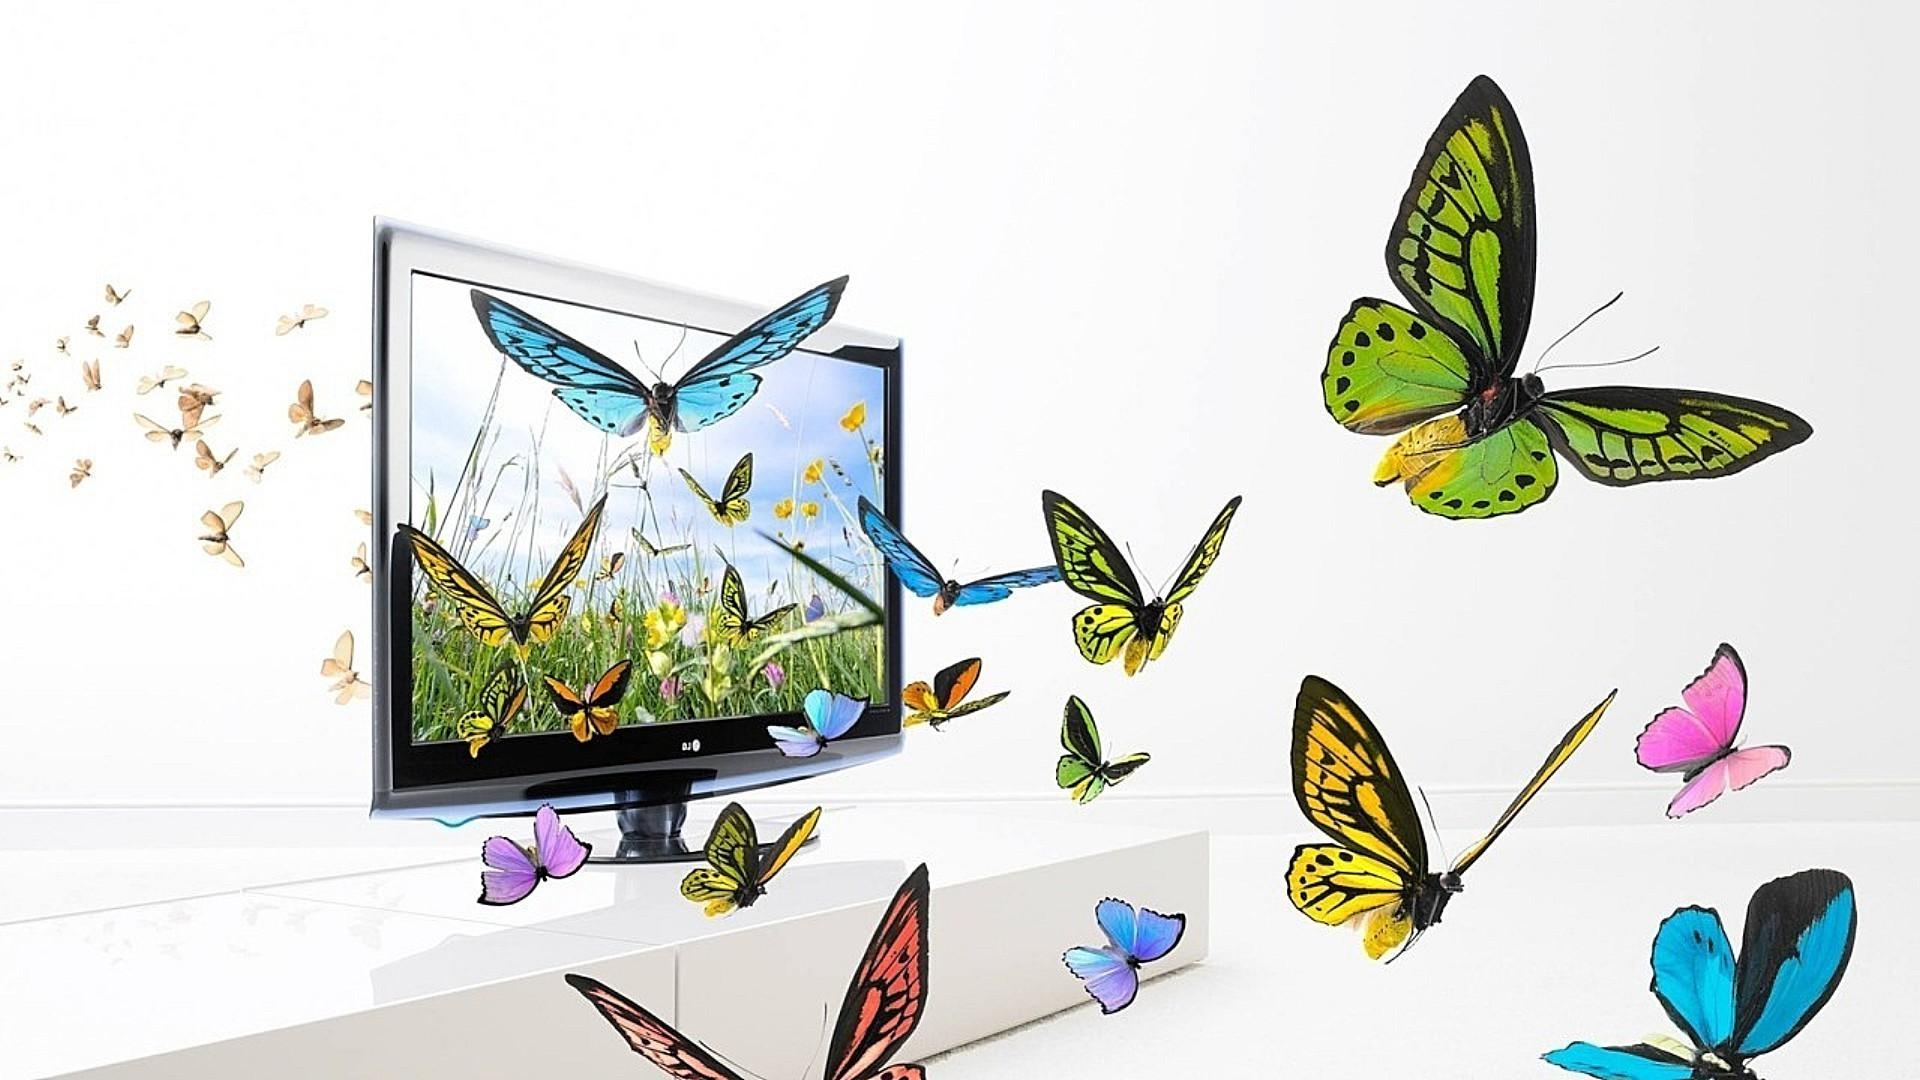 Обои на рабочий стол бесплатно бабочки во весь экран 4